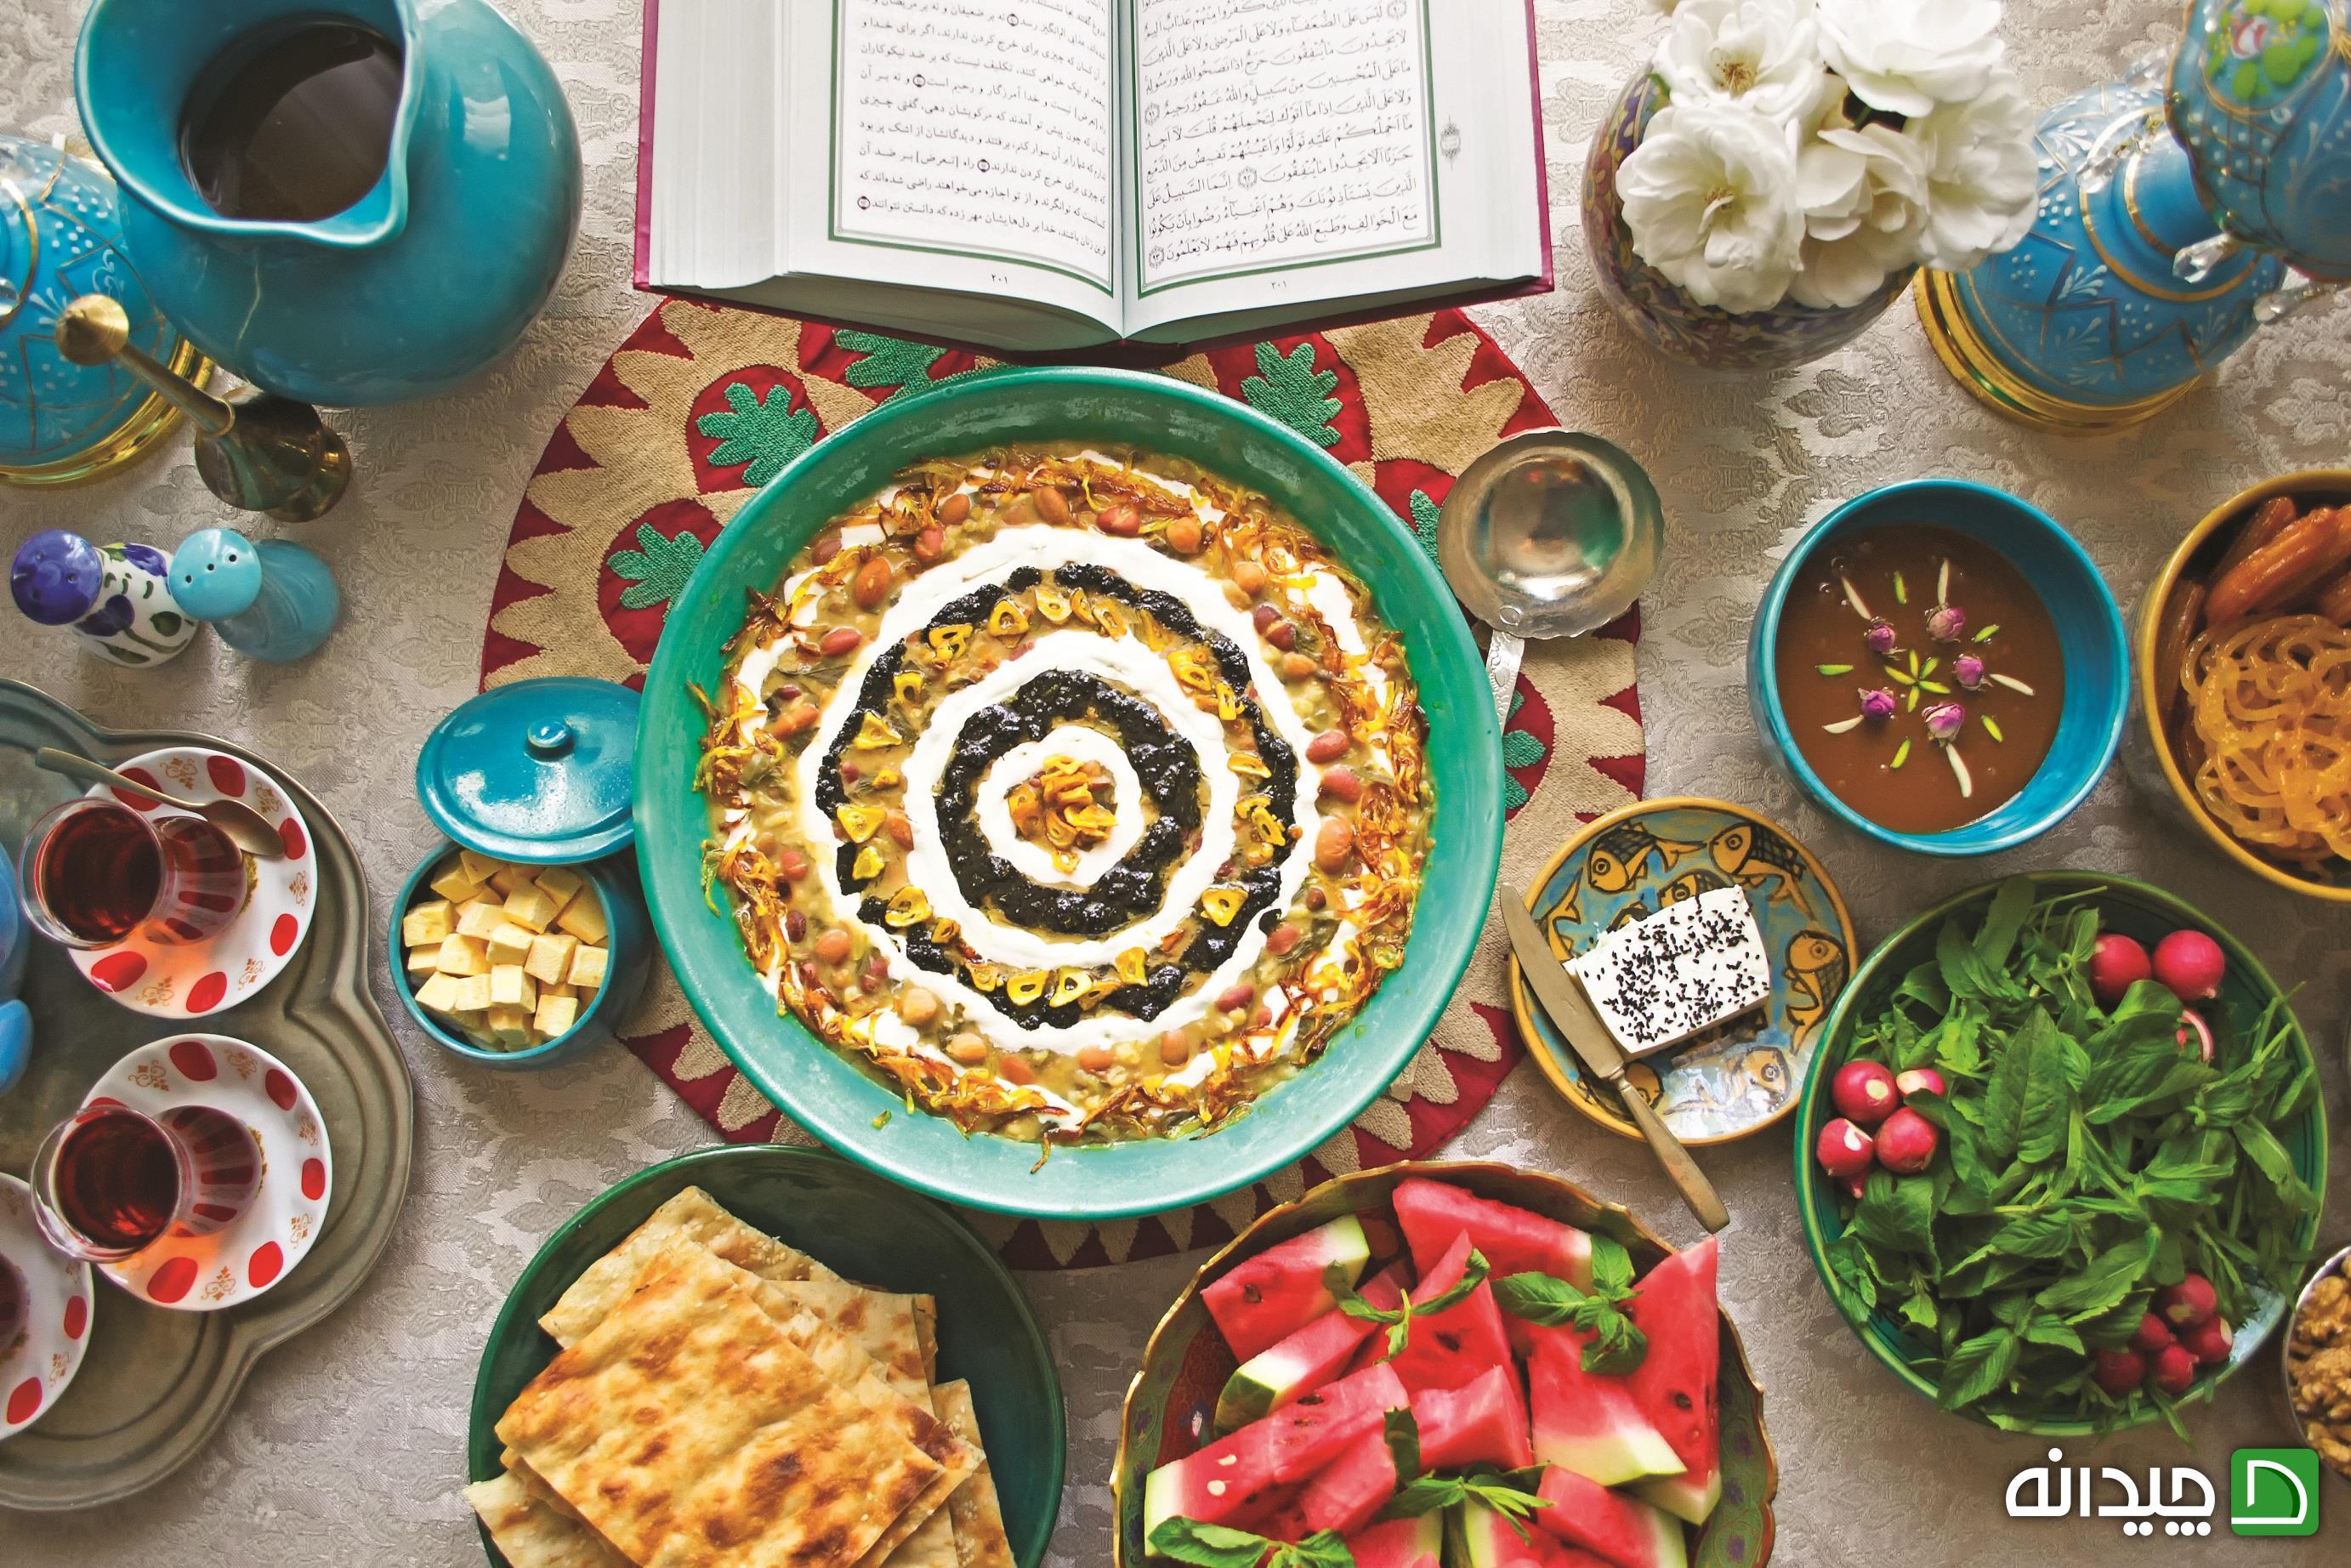 افطاری در ماه مبارک رمضان / Iftar In Ramazan